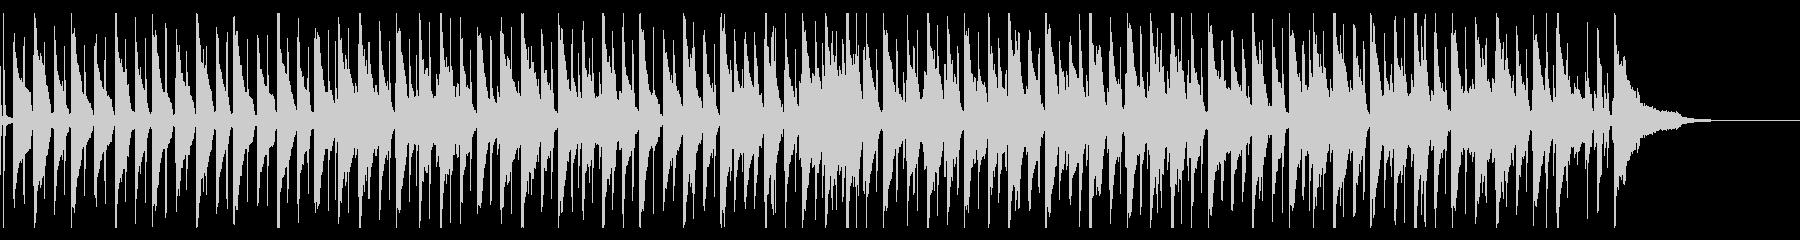 生コントラバスのゆったりとしたBGMの未再生の波形